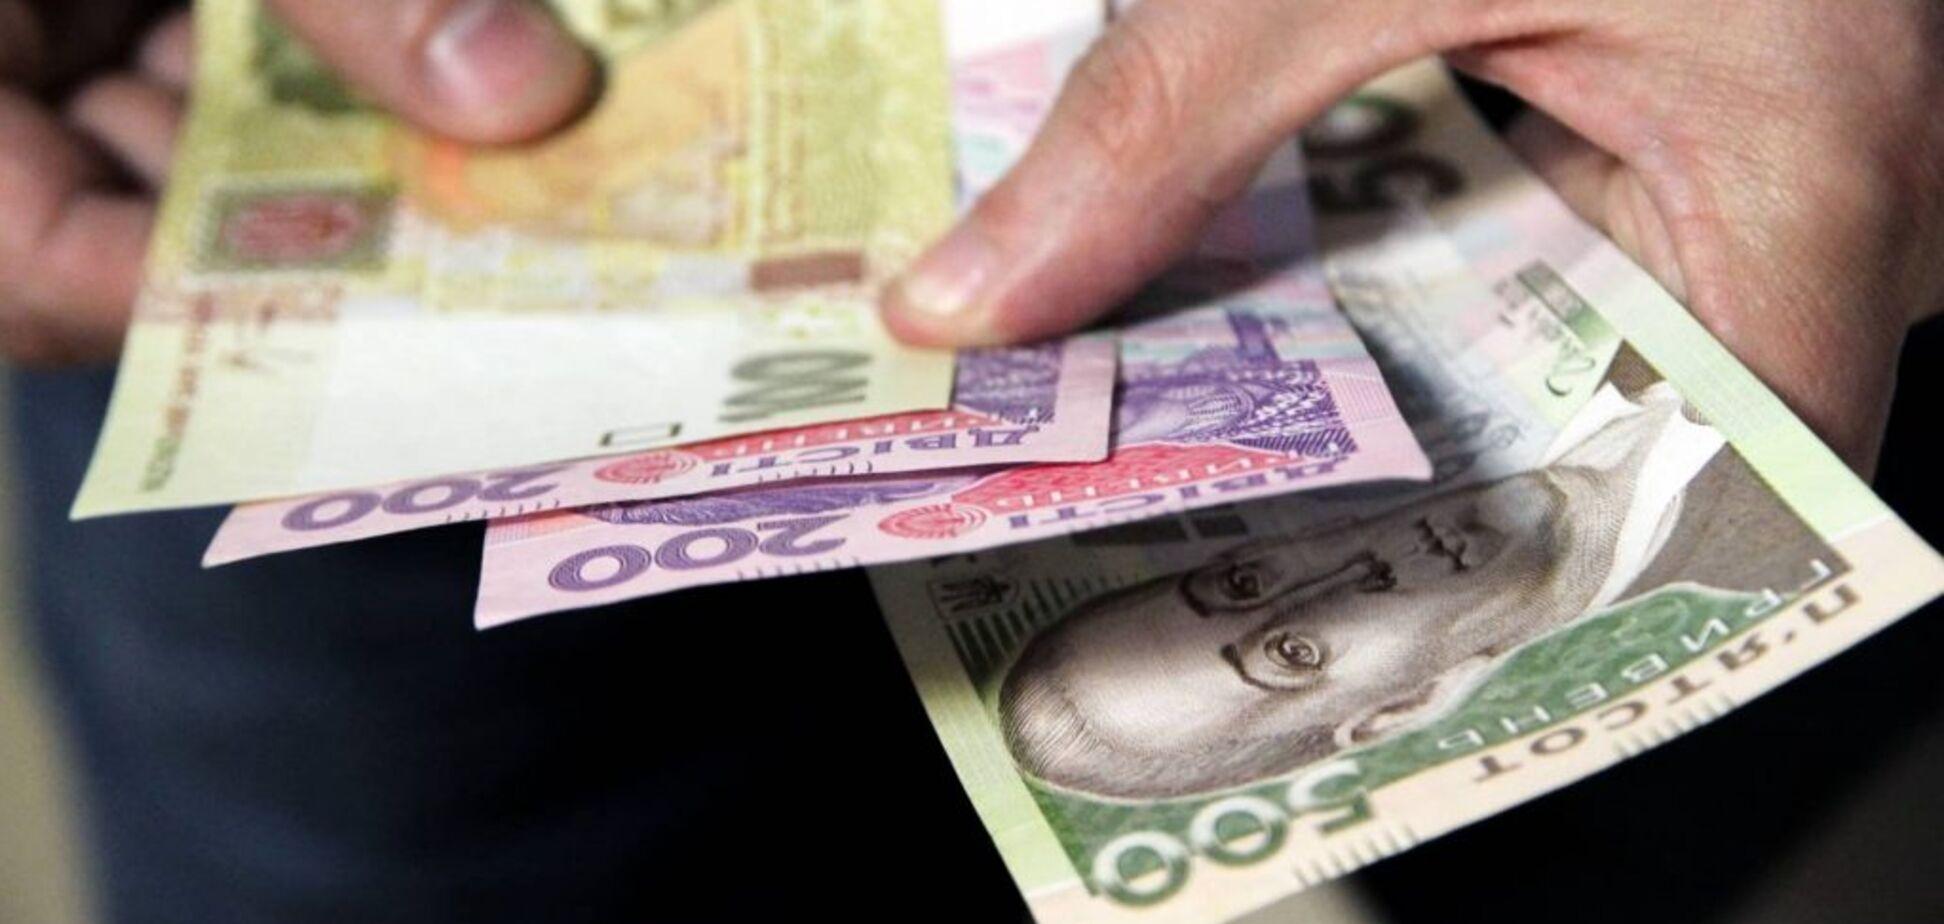 Кличко анонсировал выплату соцпомощи в Киеве до Пасхи